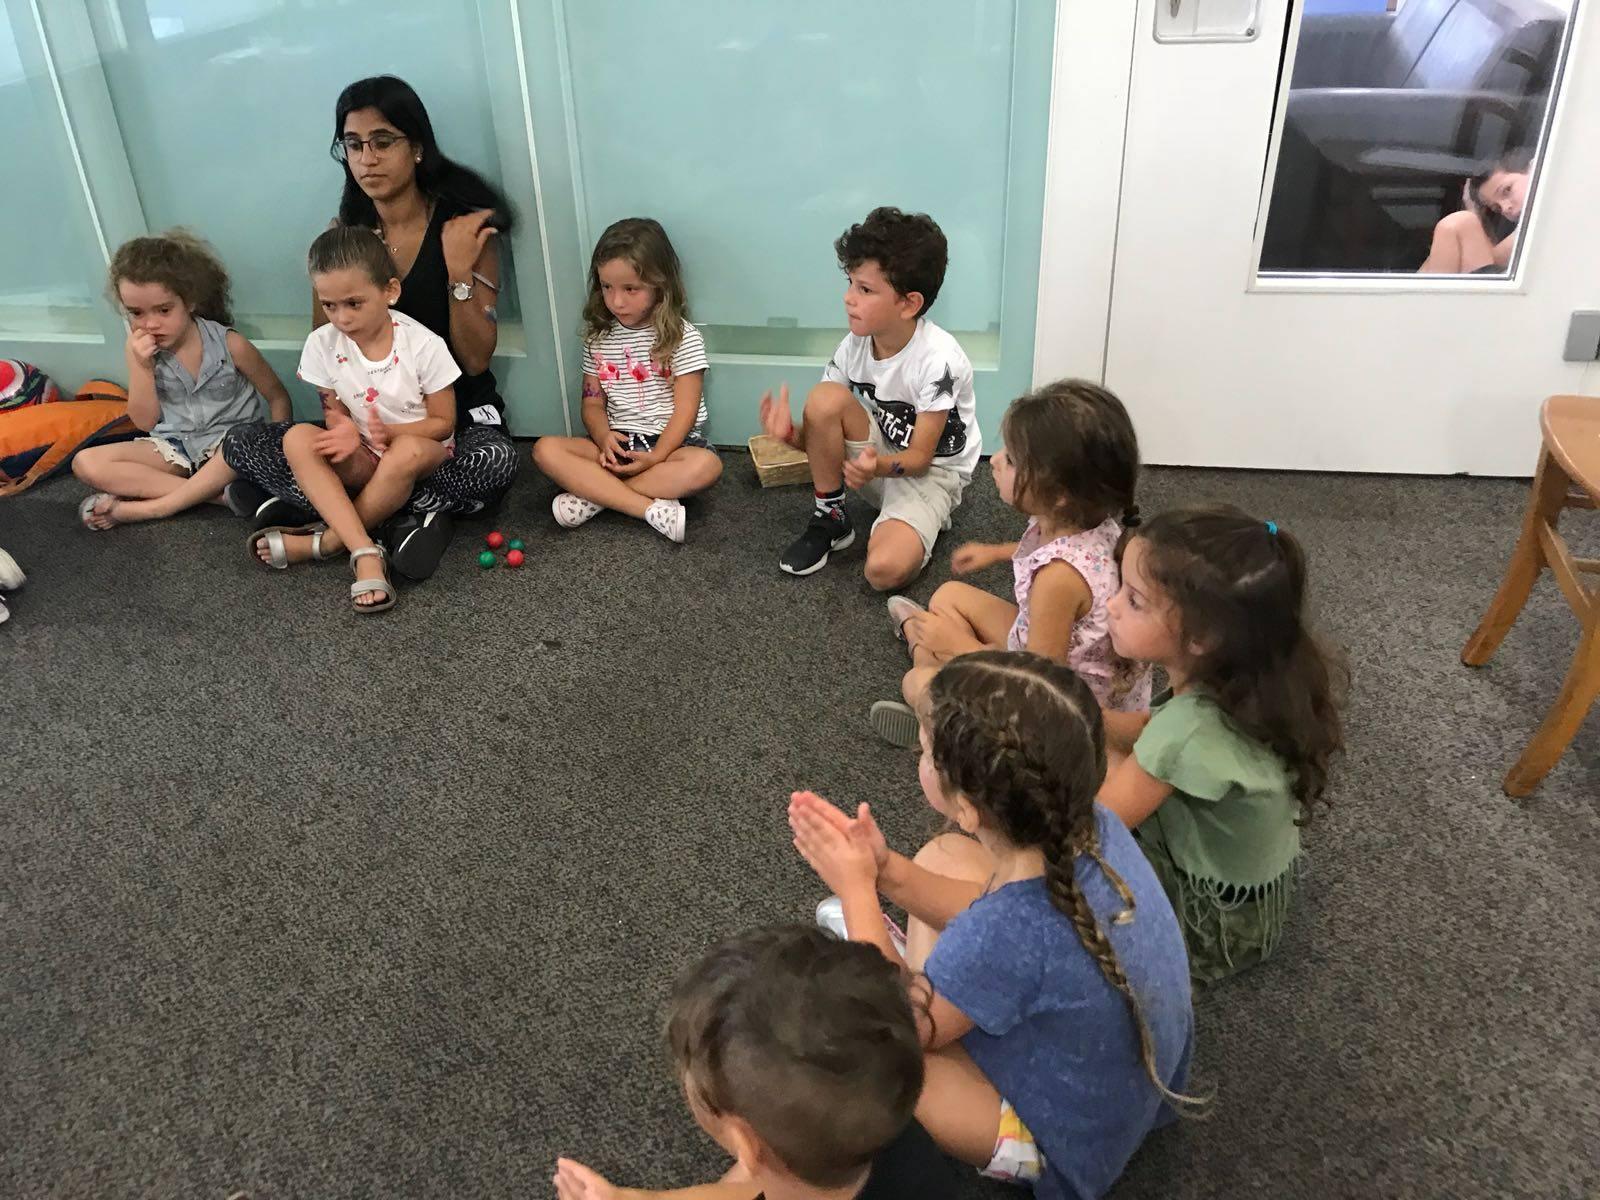 גלרייה - קייטנת ילדי הבורסה 17-31.08.2018 תמונה 26 מתוך 31